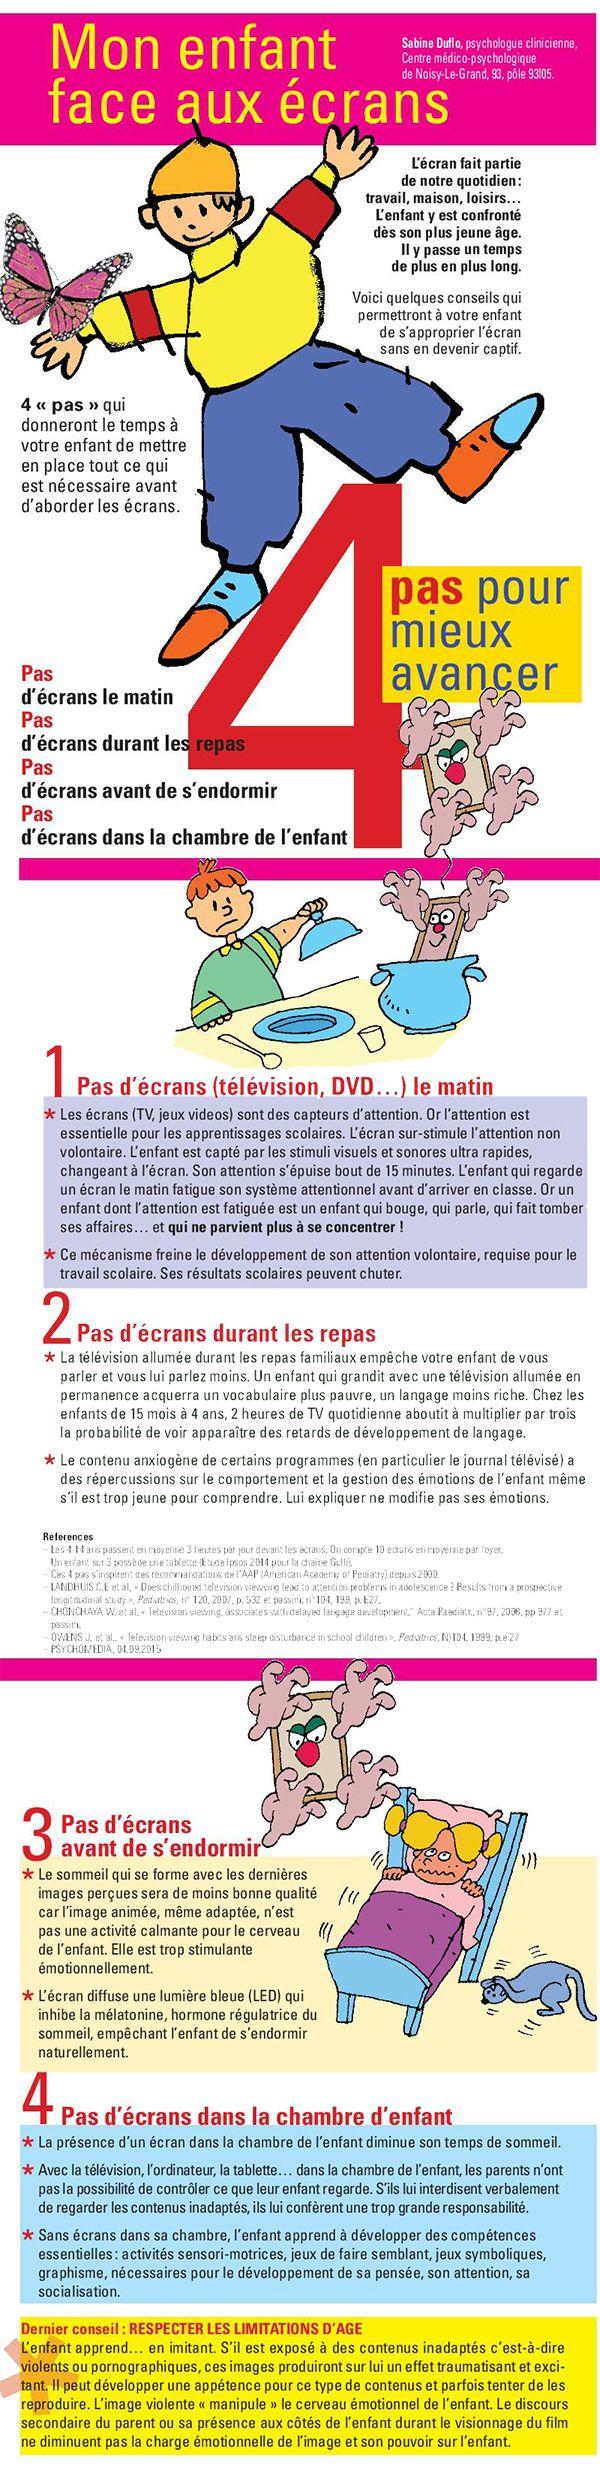 Ces supports ont été rédigés par Sabine Duflo psychologue  l EPS de Ville Evrard avec la participation des adhérents de l association ALERTE pour